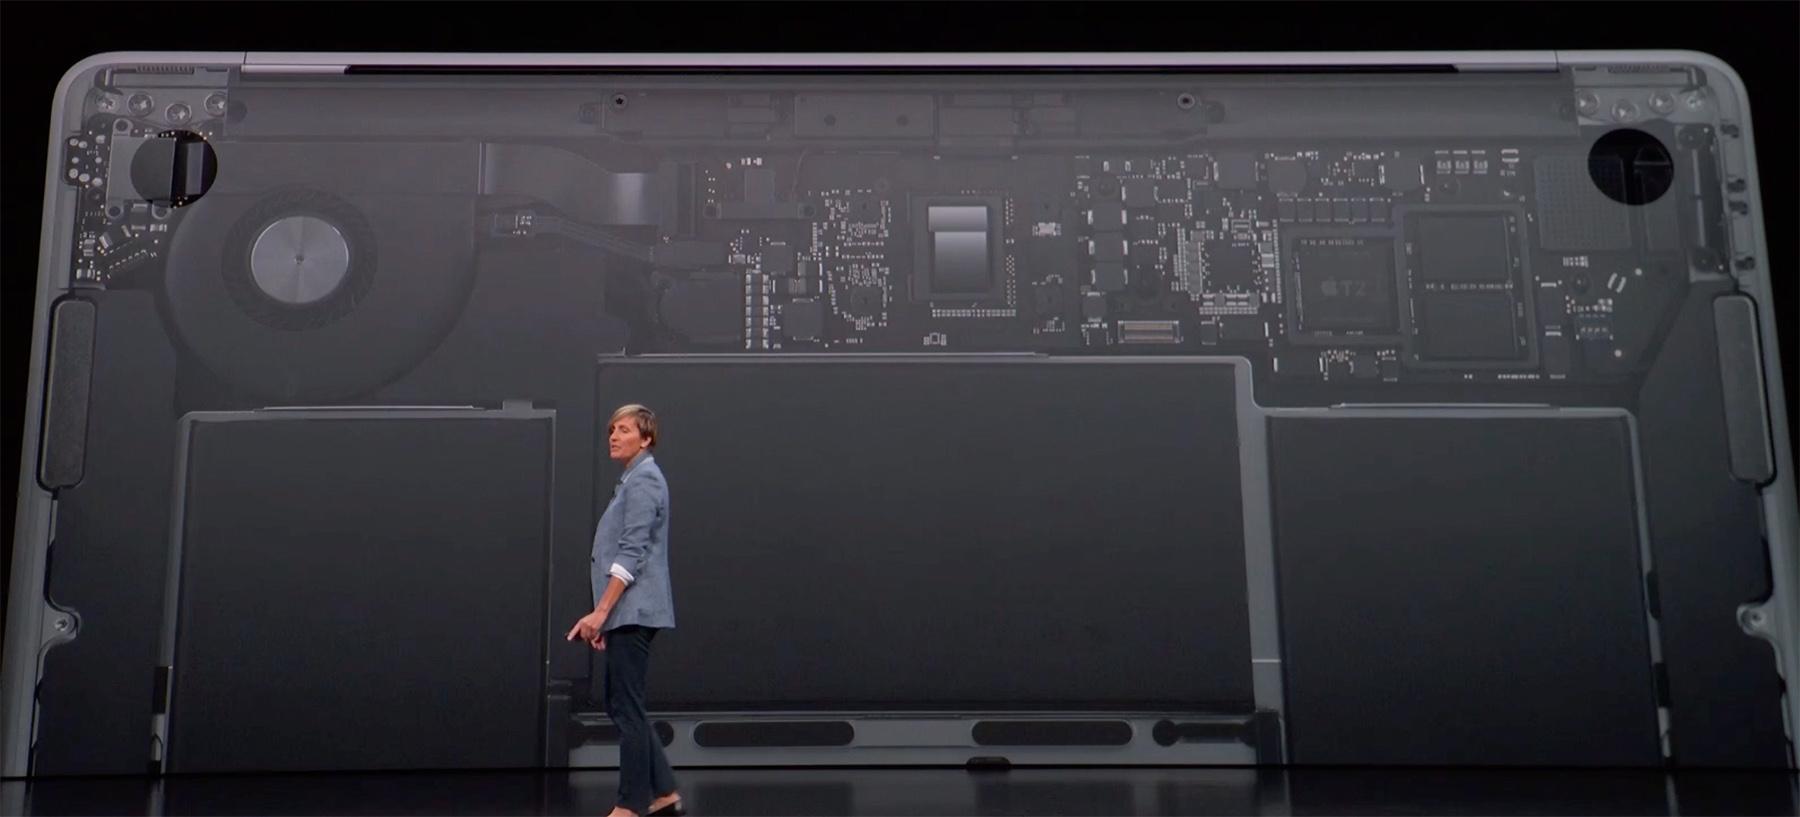 Apple on-stage slide